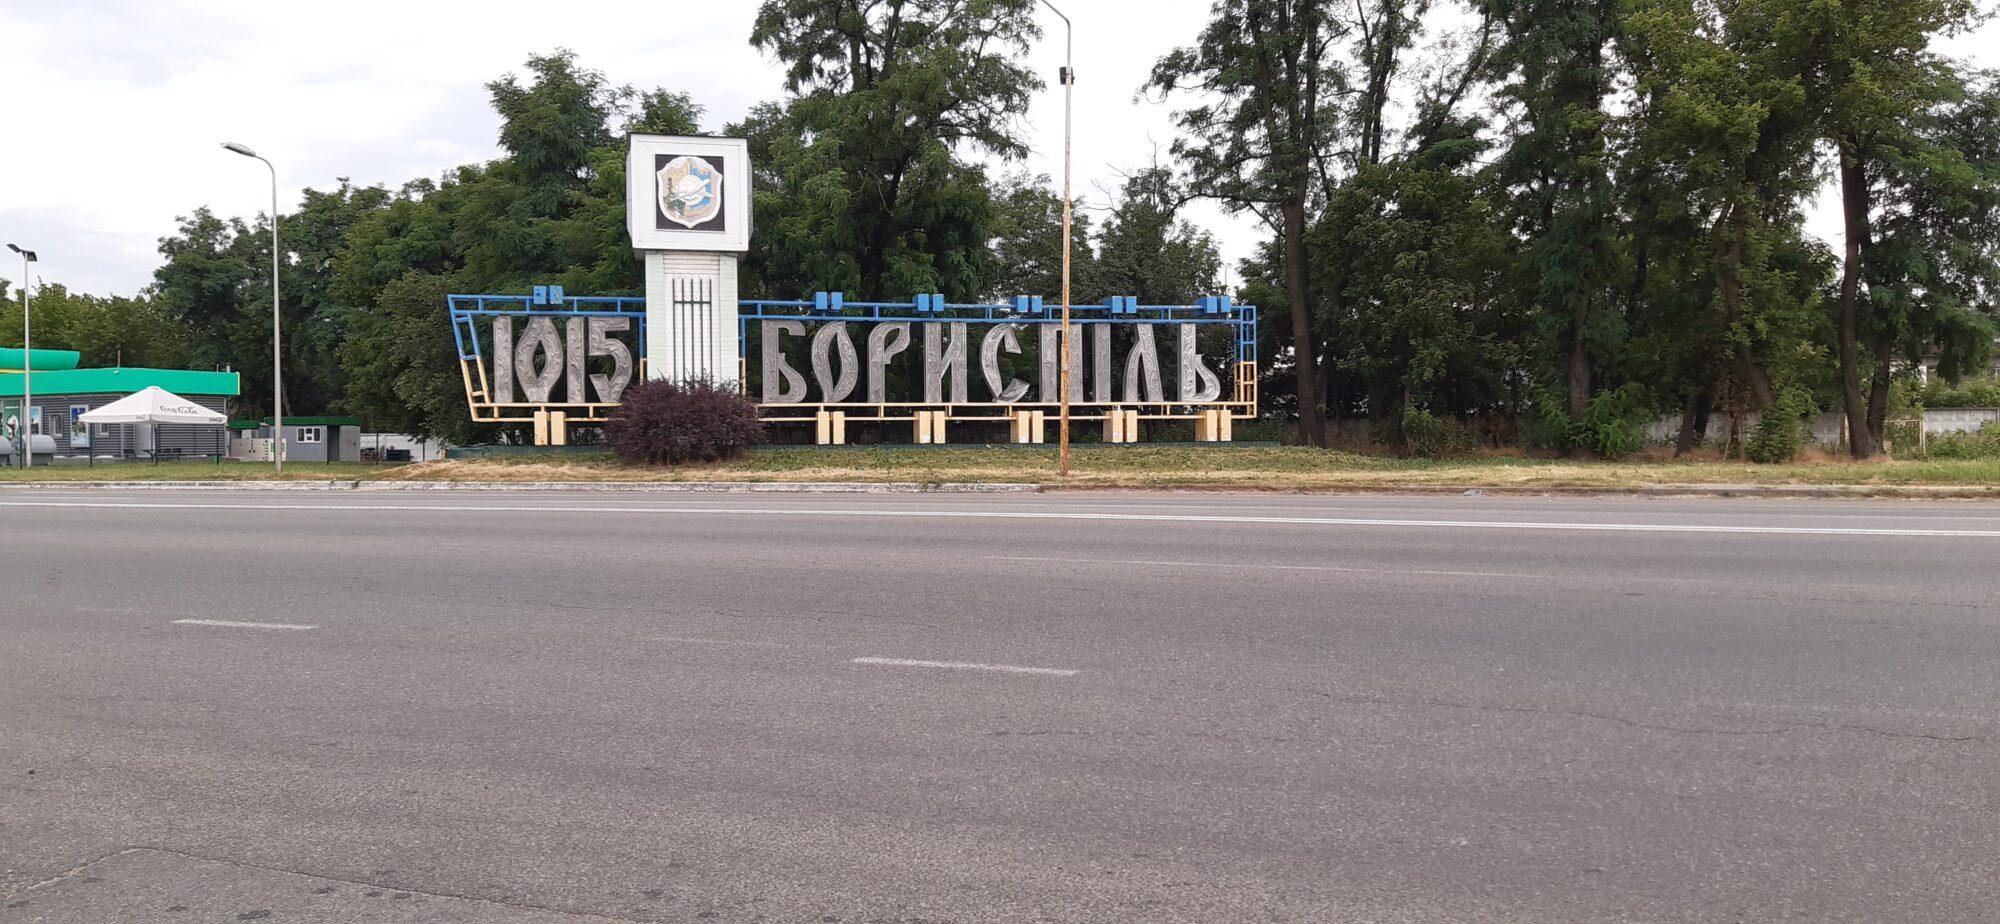 У Борисполі визначили проєкти-переможці громадського бюджету - Громадський бюджет - 20200707 145330 2000x924